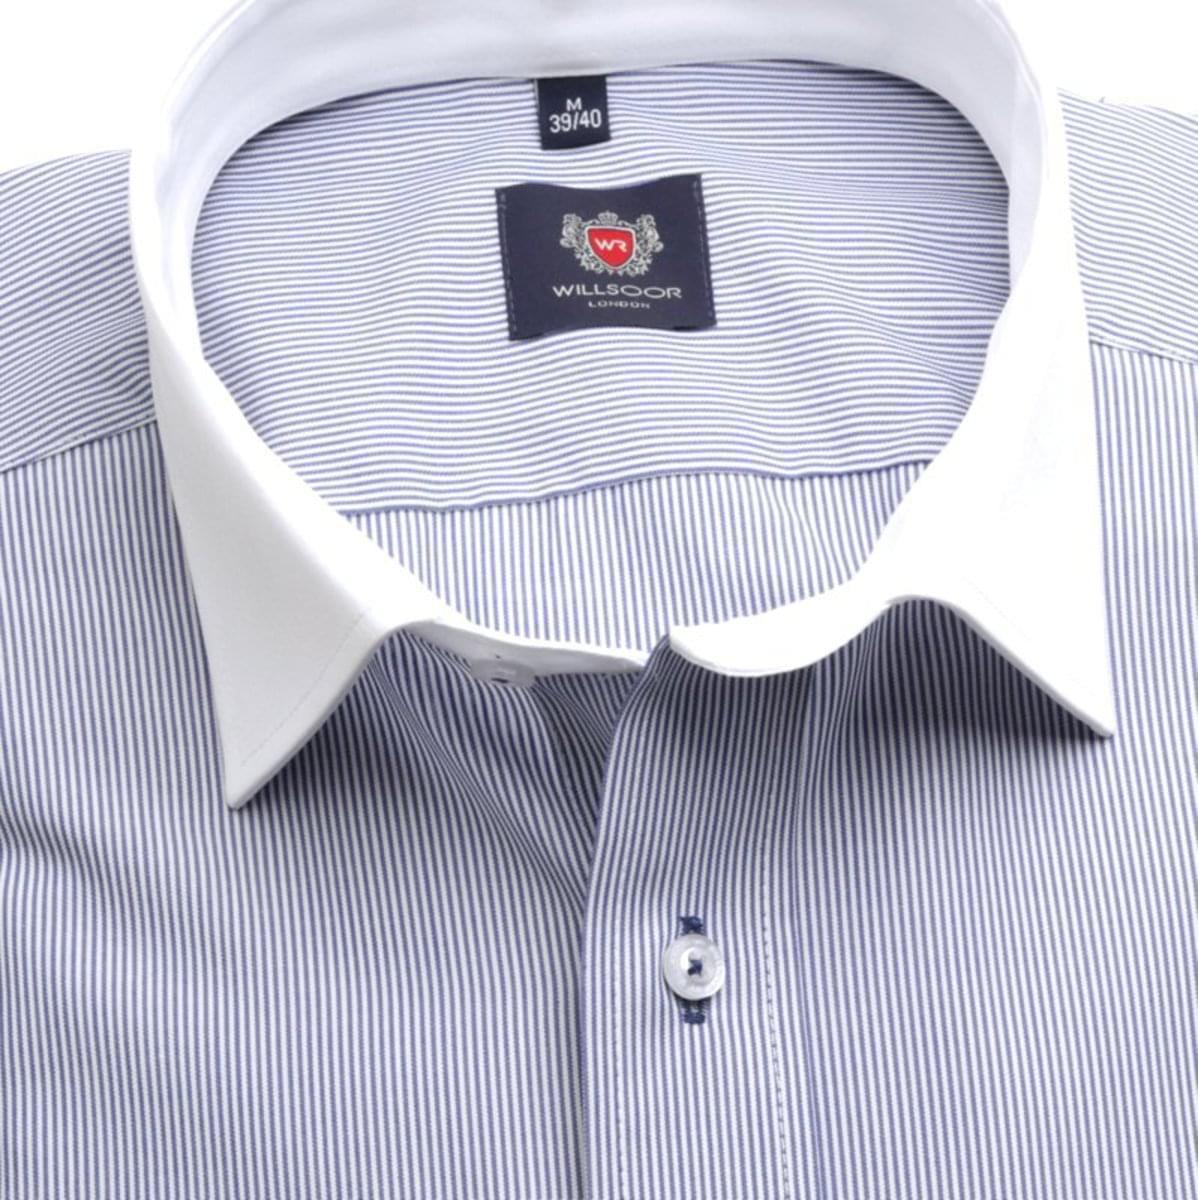 Pánská slim fit košile London (výška 176-182) 7140 s proužkem a formulí Easy Care 176-182 / L (41/42)